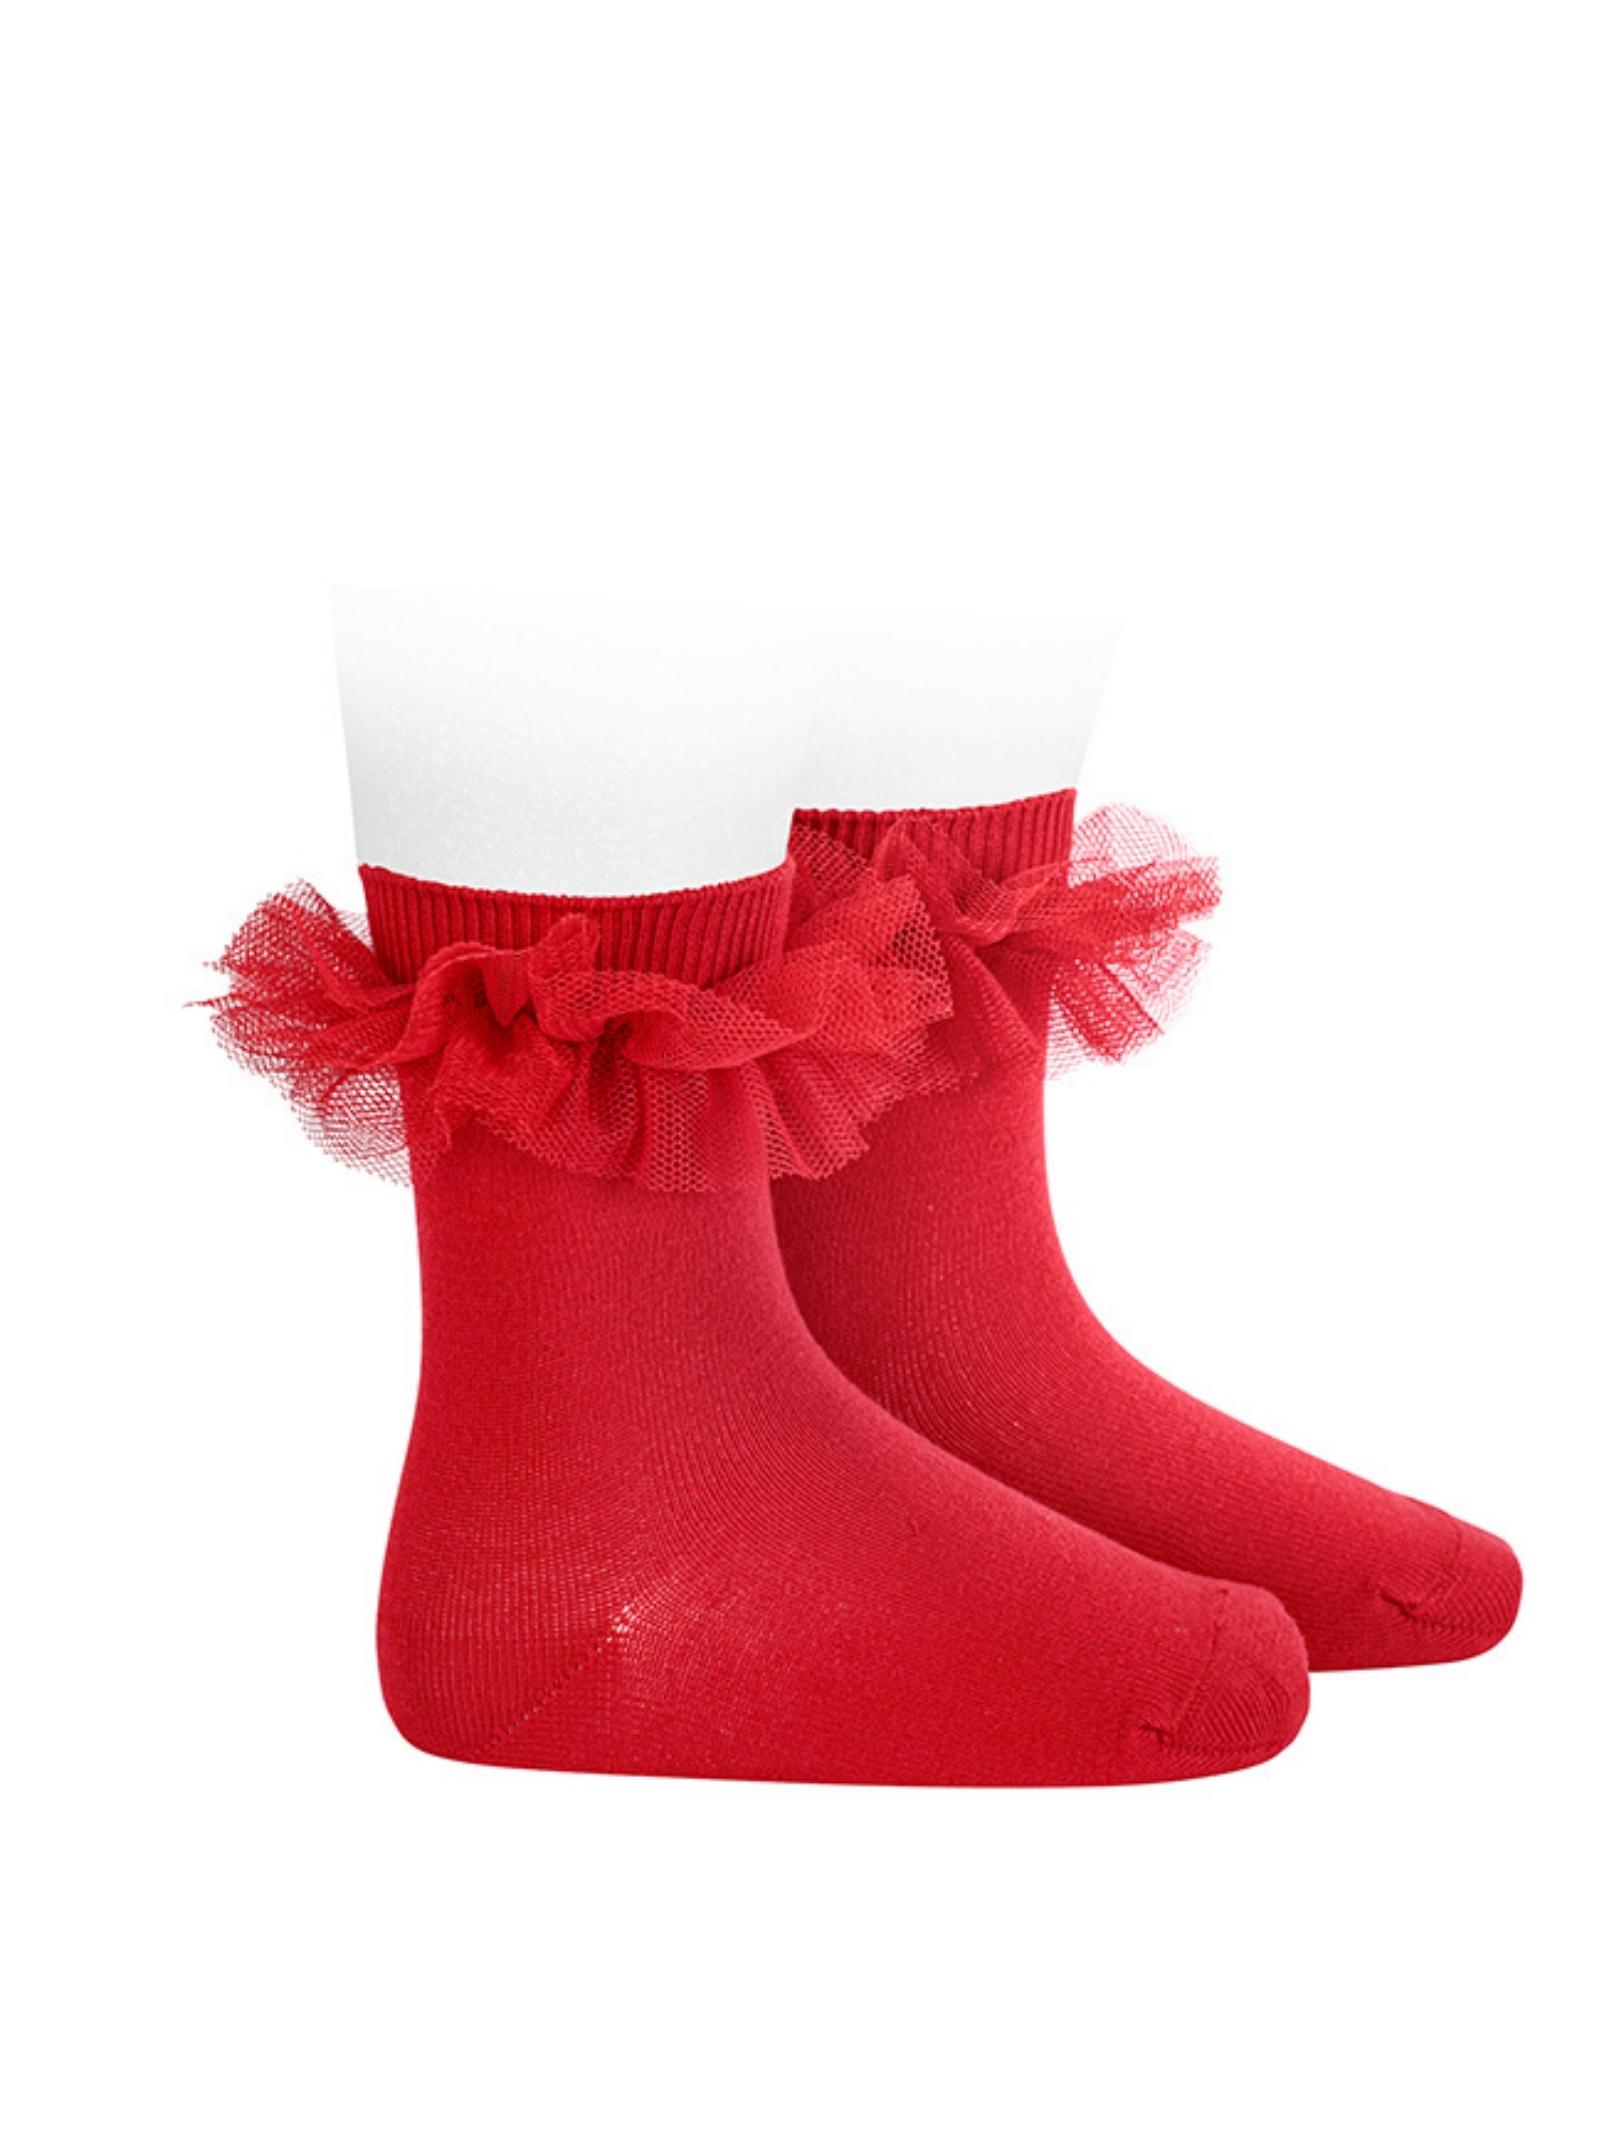 Low Tulle Socks for Girls CONDOR | Socks | 24944550